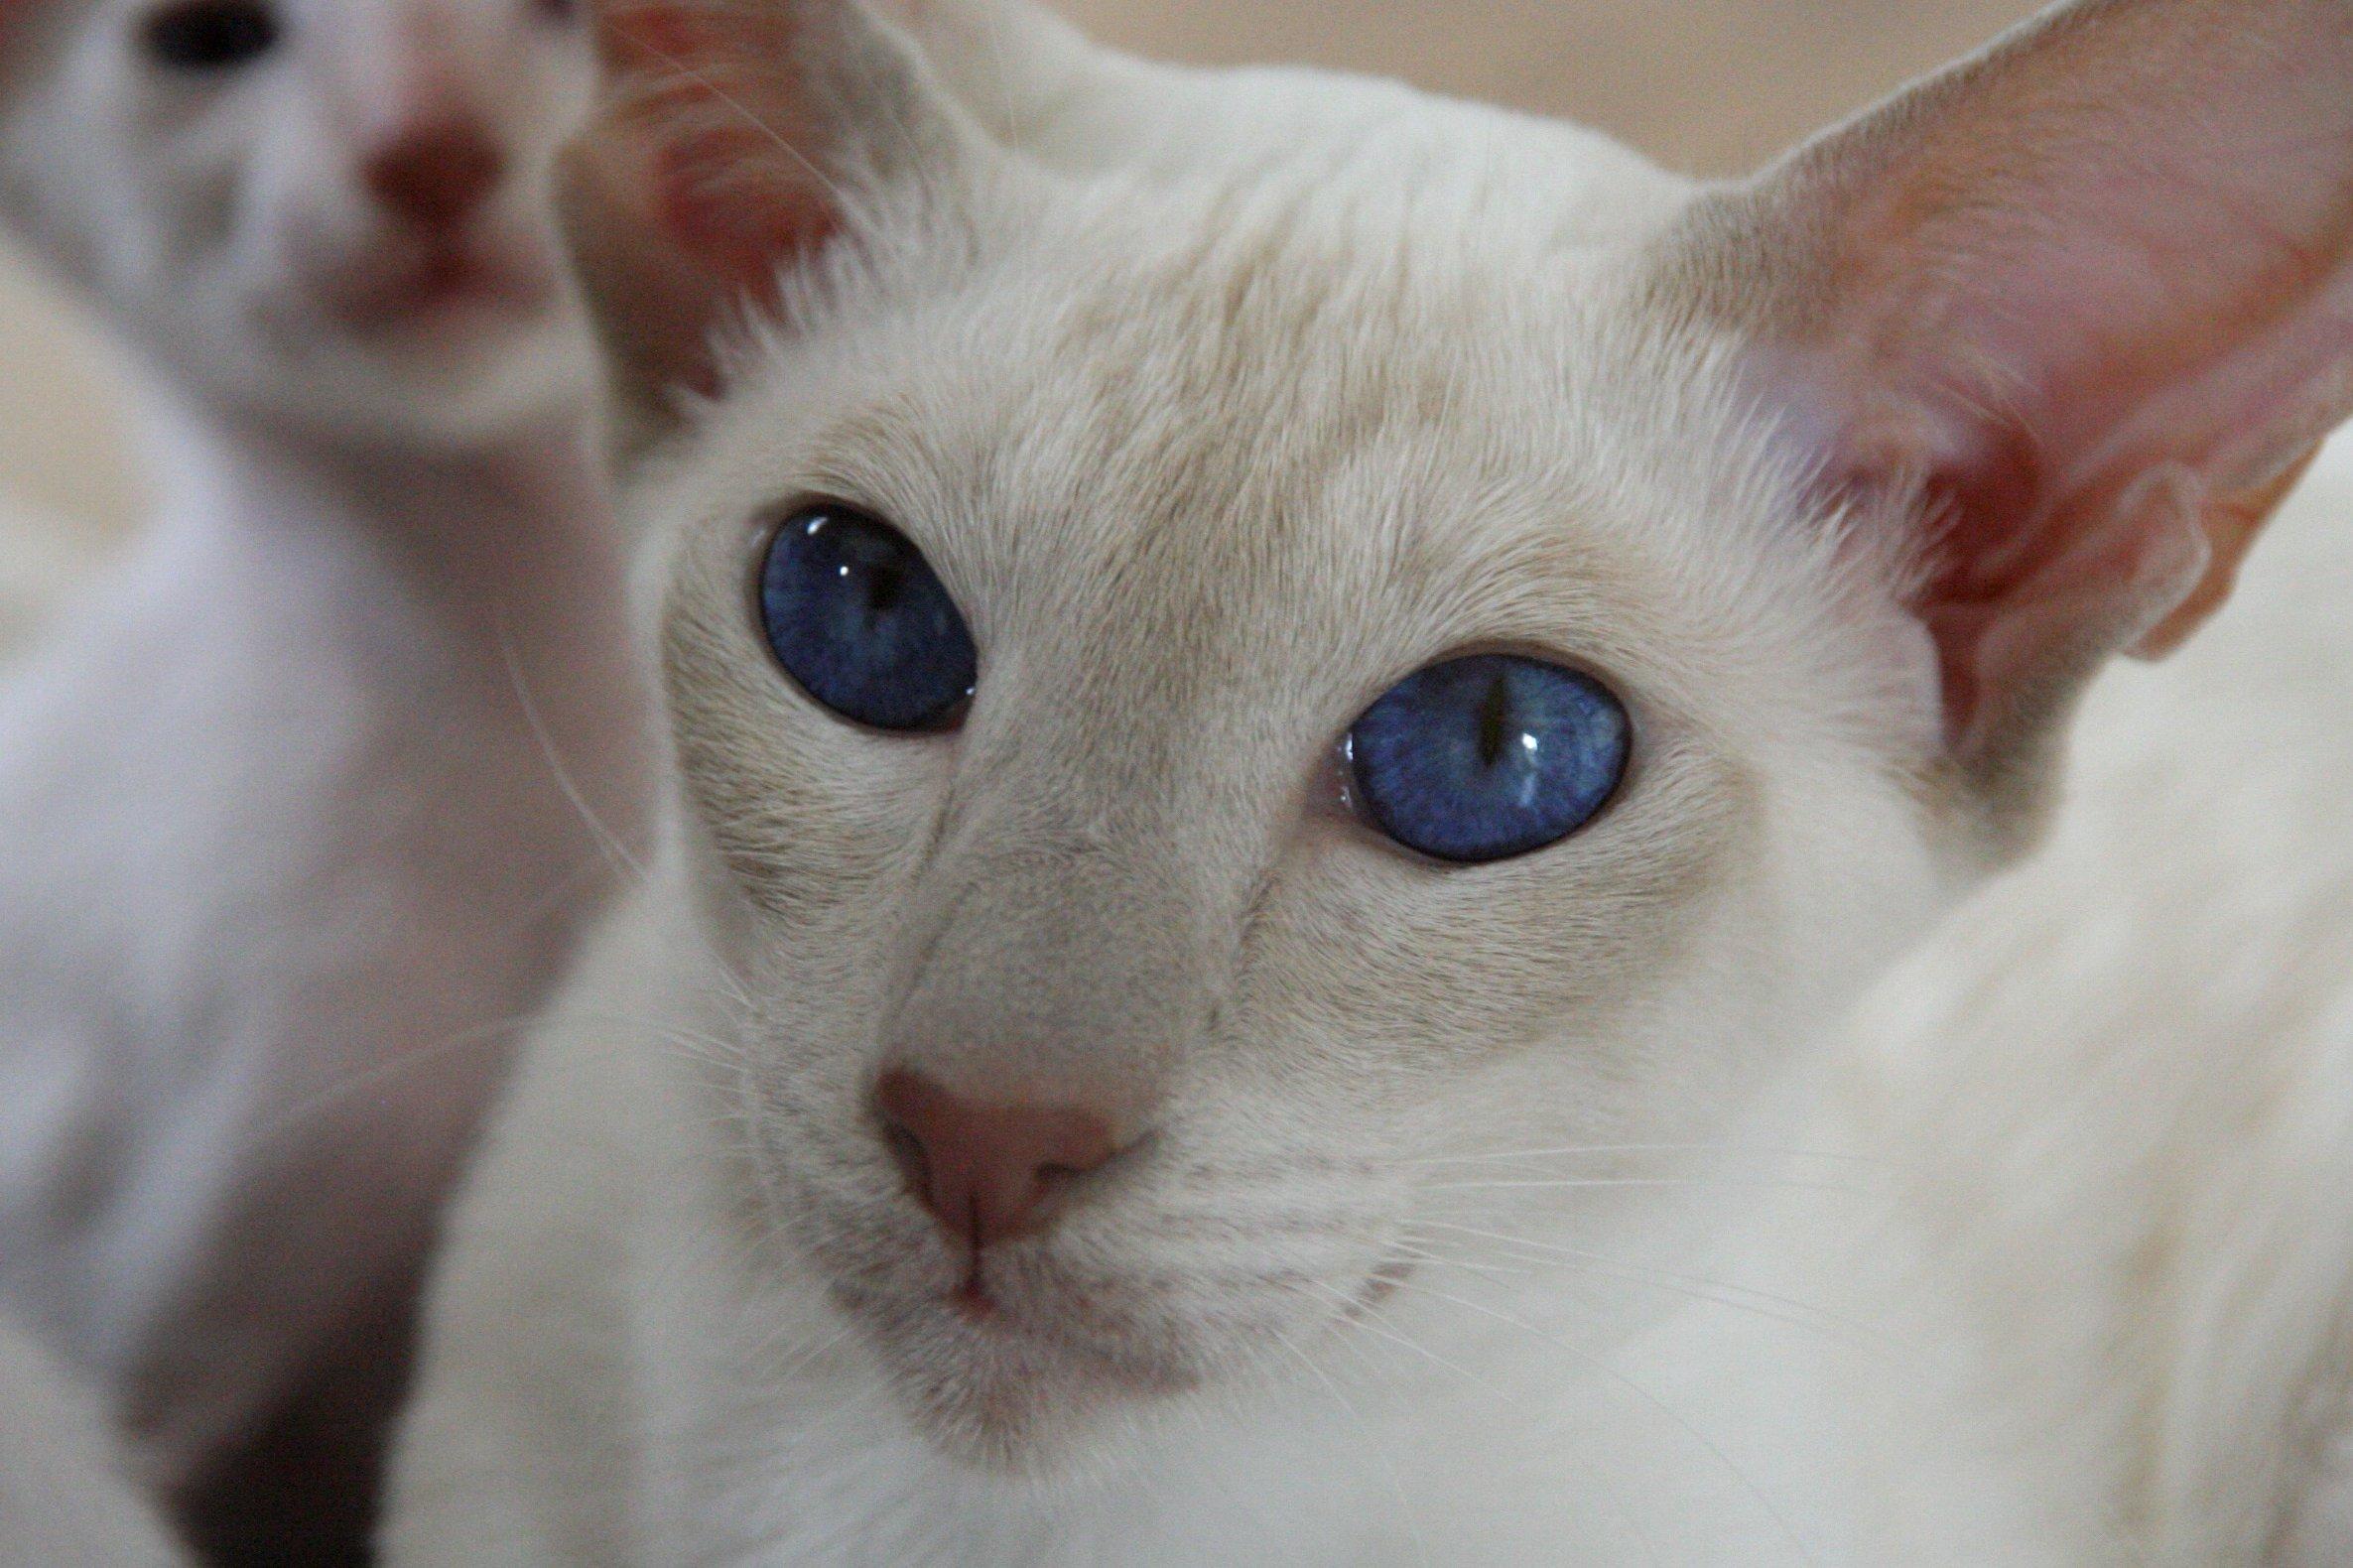 รูปภาพฟรี: ตาสีฟ้า, ภาพ,, หัว, ดวงตา, แมวขาว, ลูกแมว, ขนสัตว์ - หวยออนไลน์ ถูกหวย https://tookhuay.com/